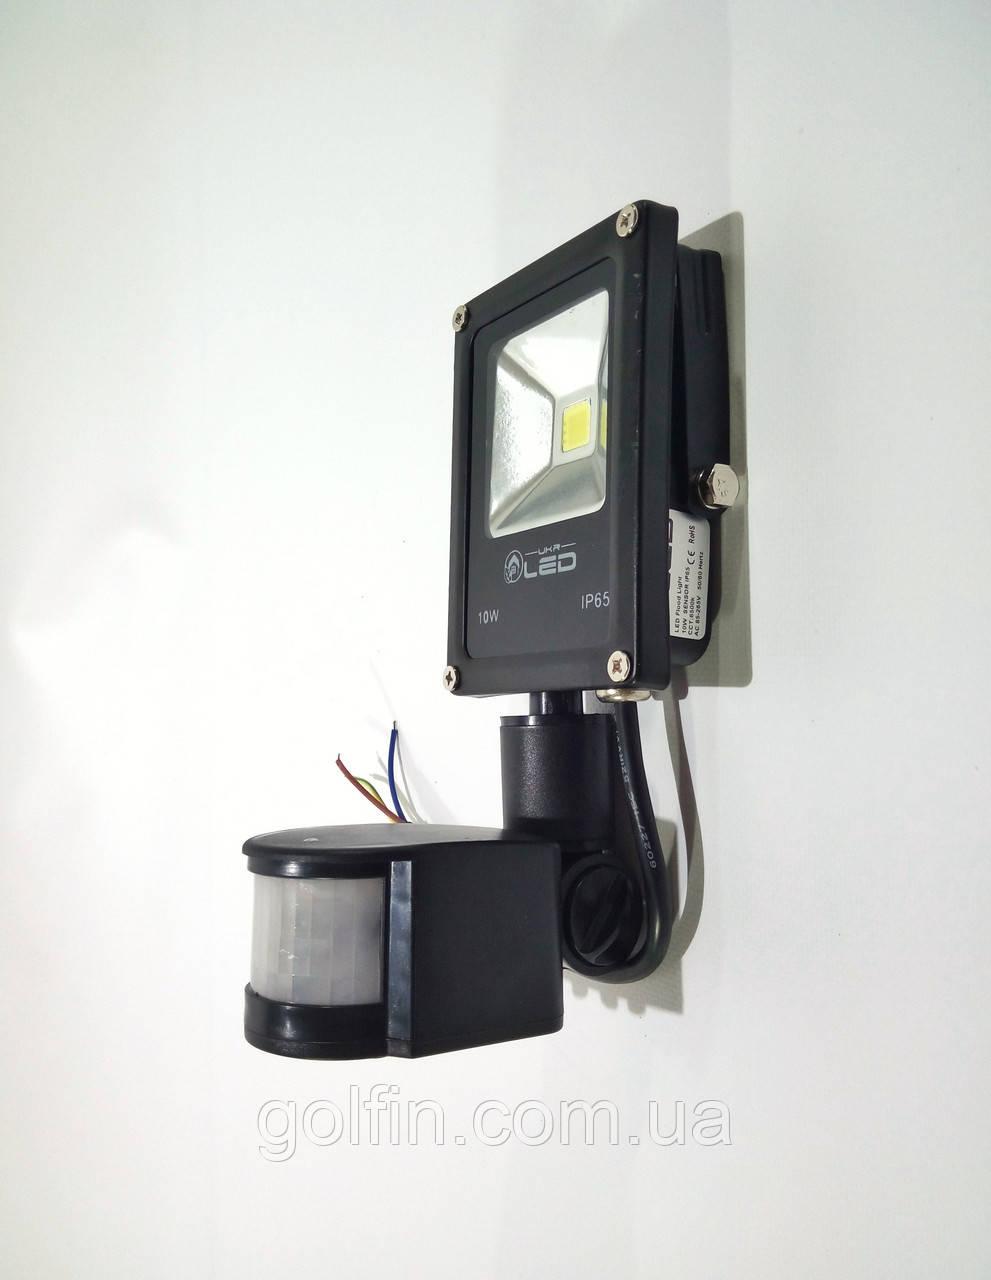 Светодиодный прожектор с датчиком движения (LED) 10W - матричный SLIM